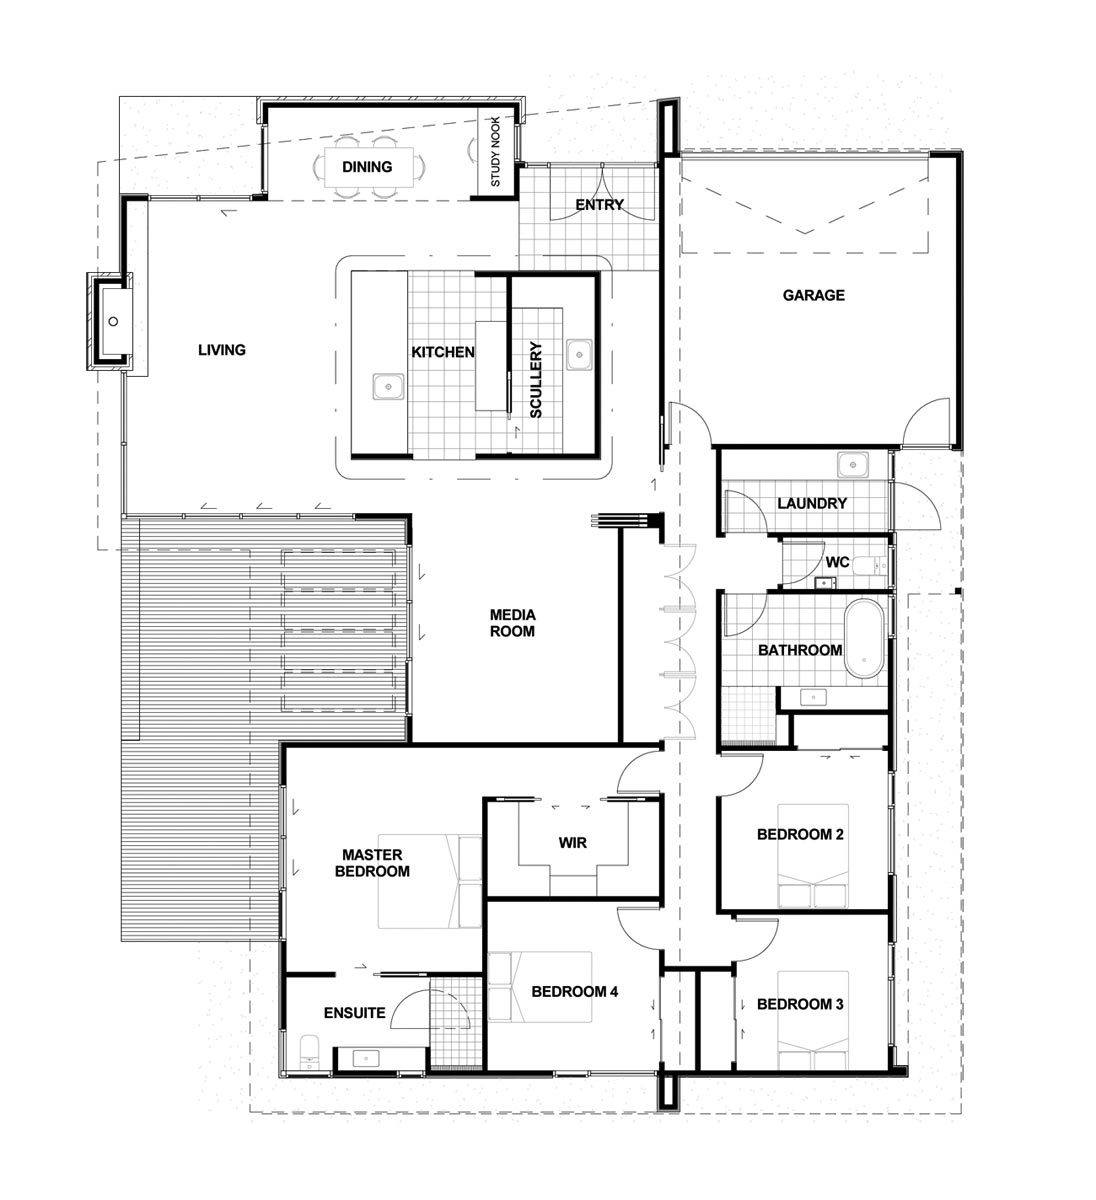 mẫu nhà 1 tầng 4 phòng ngủ đẹp 6